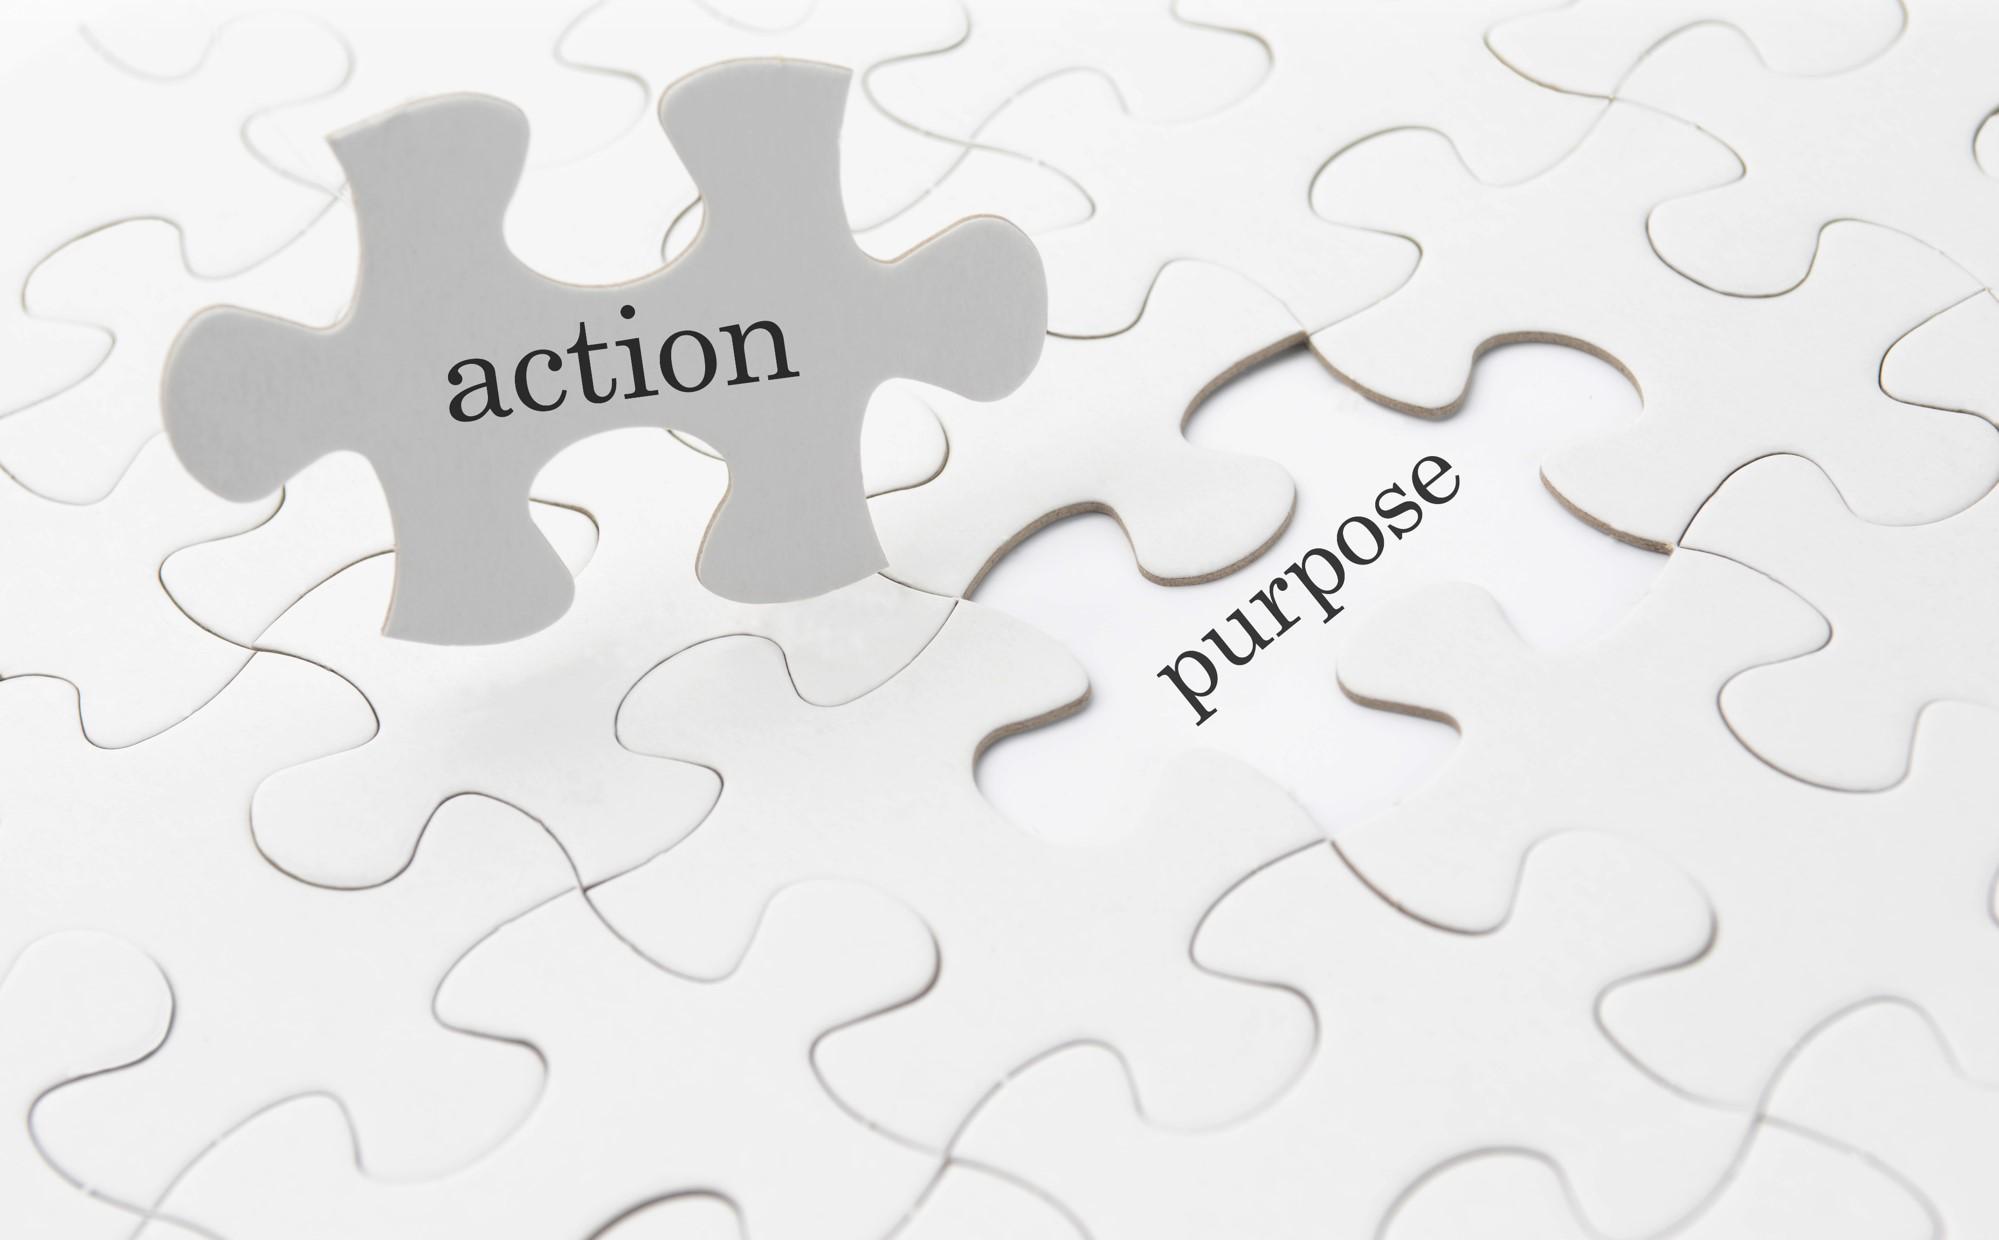 夢・目標の実現に向けて「なかなか行動できない」とお悩みの人への簡単な対処法